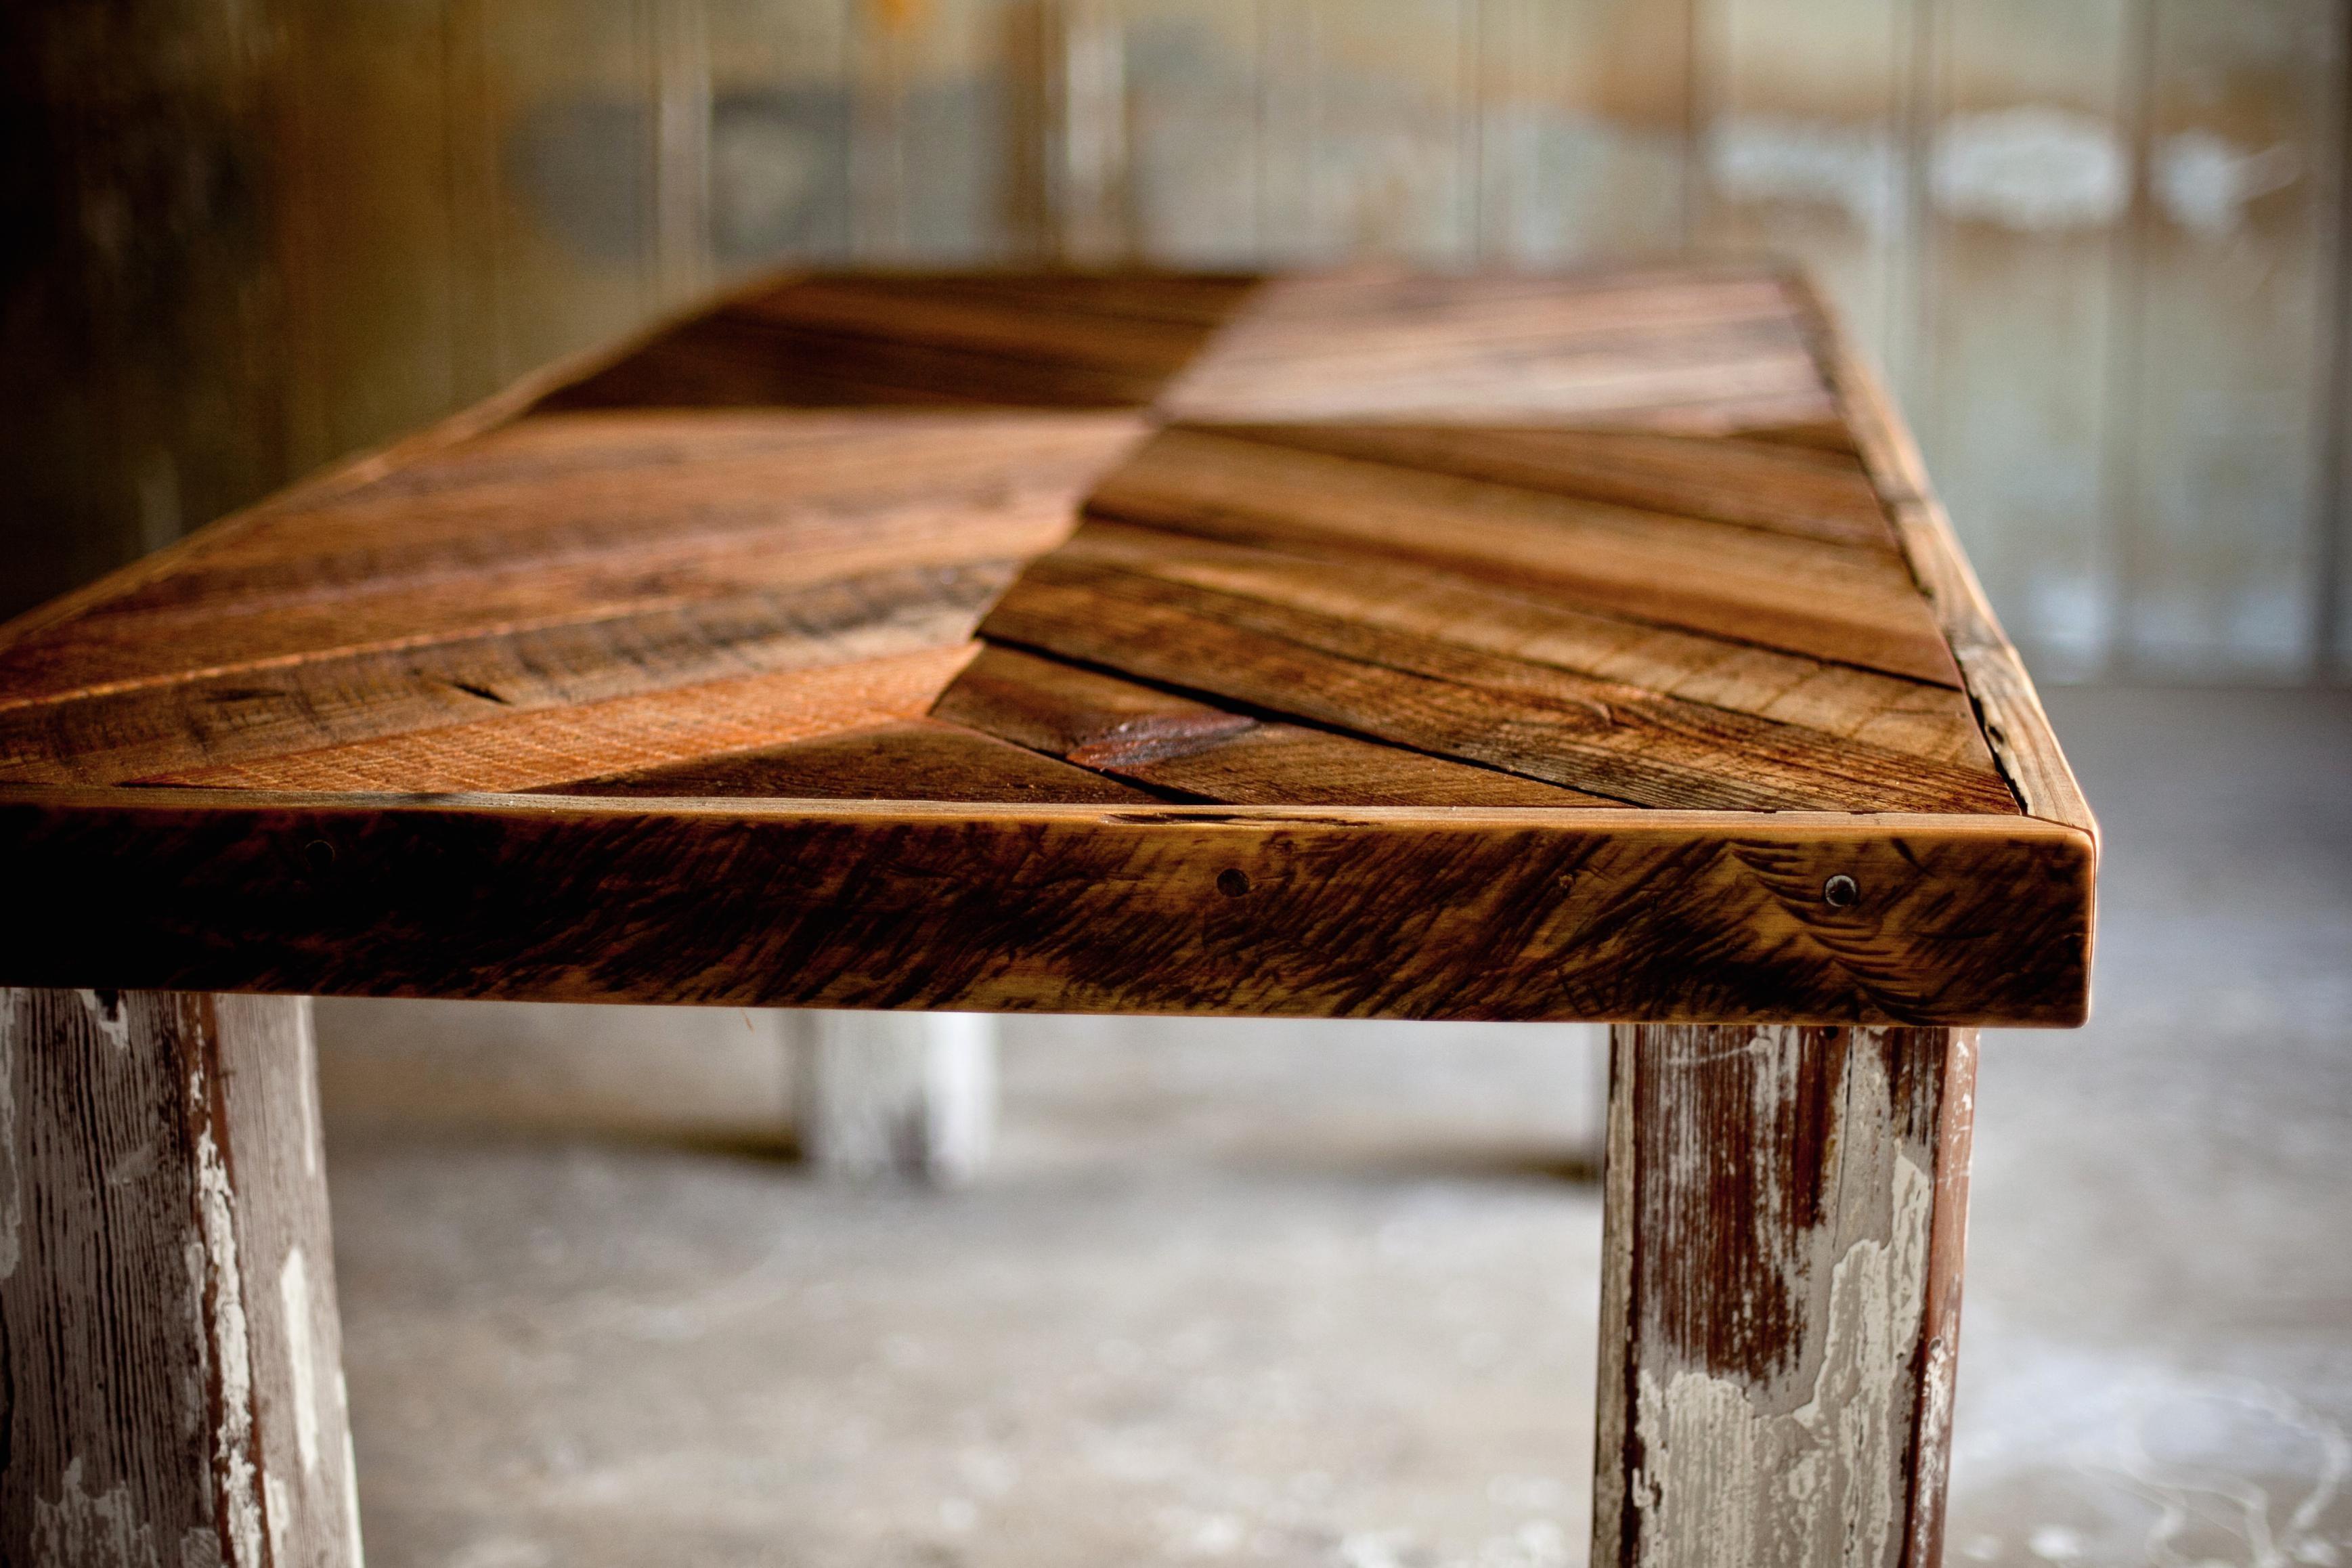 handmade furniture wood, wooden, old, desk, furniture, handmade GJPKJYR